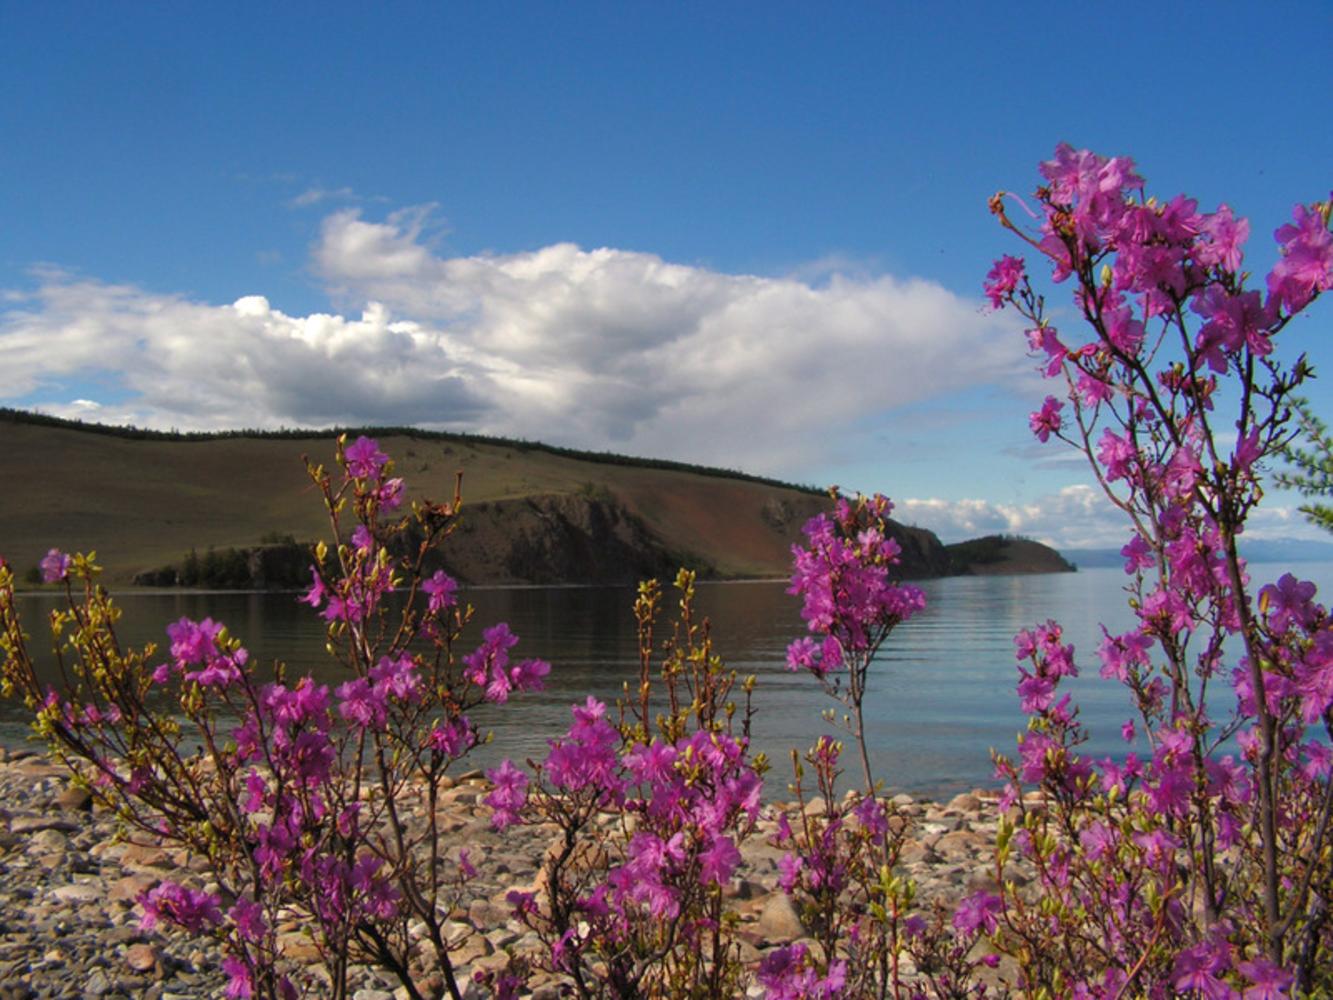 откровенное фотографии забайкальская весна что